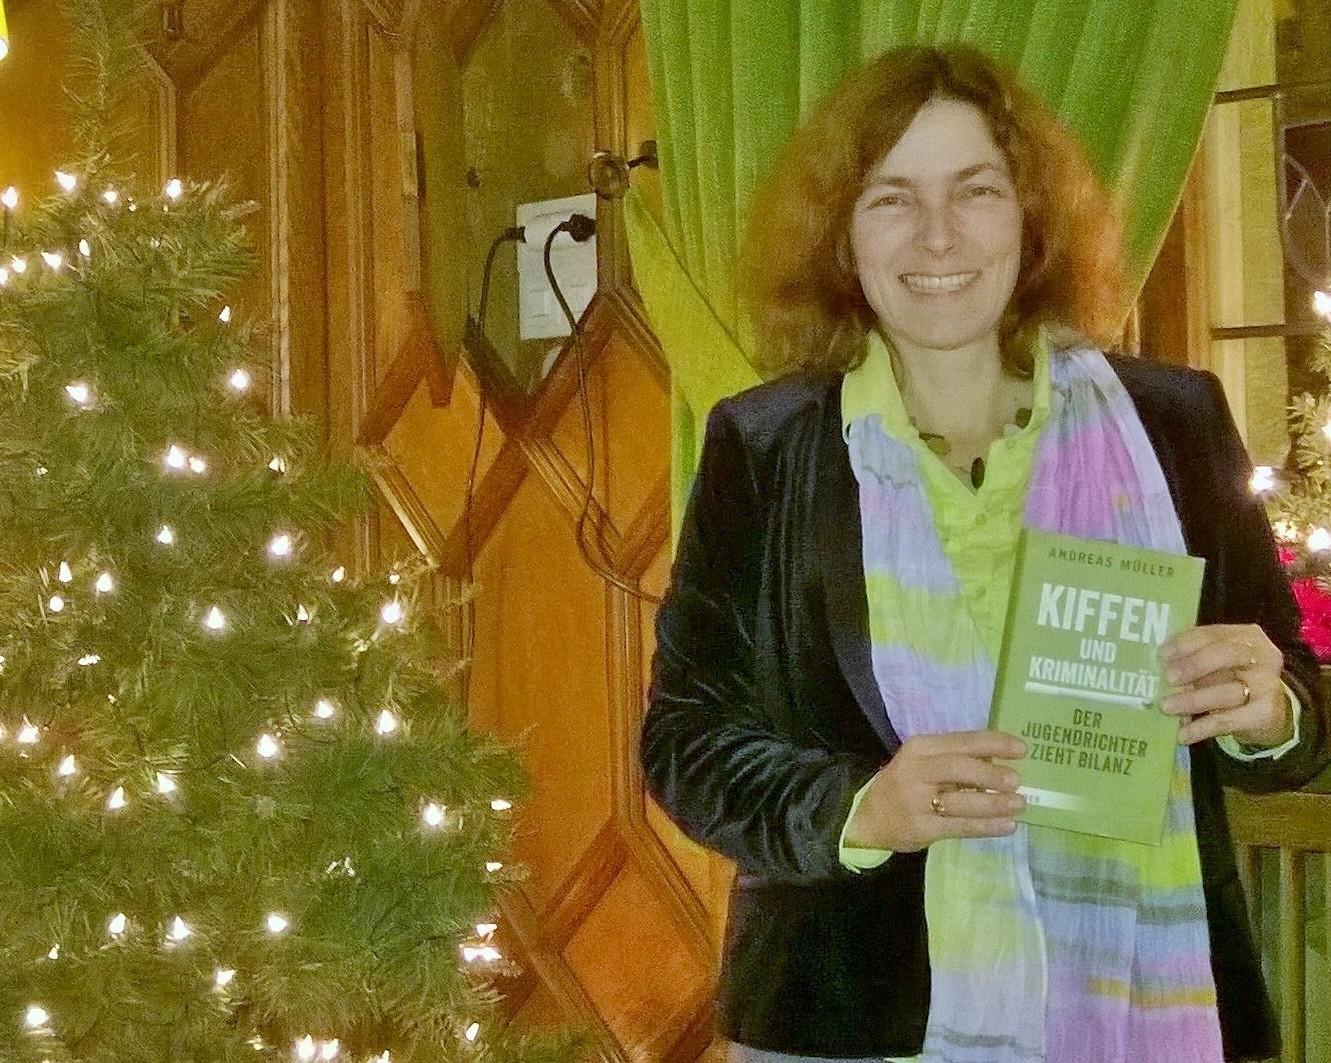 Kerstin Celina in Kitzingen nach der Veranstaltung zur Cannabis-Legalisierung.